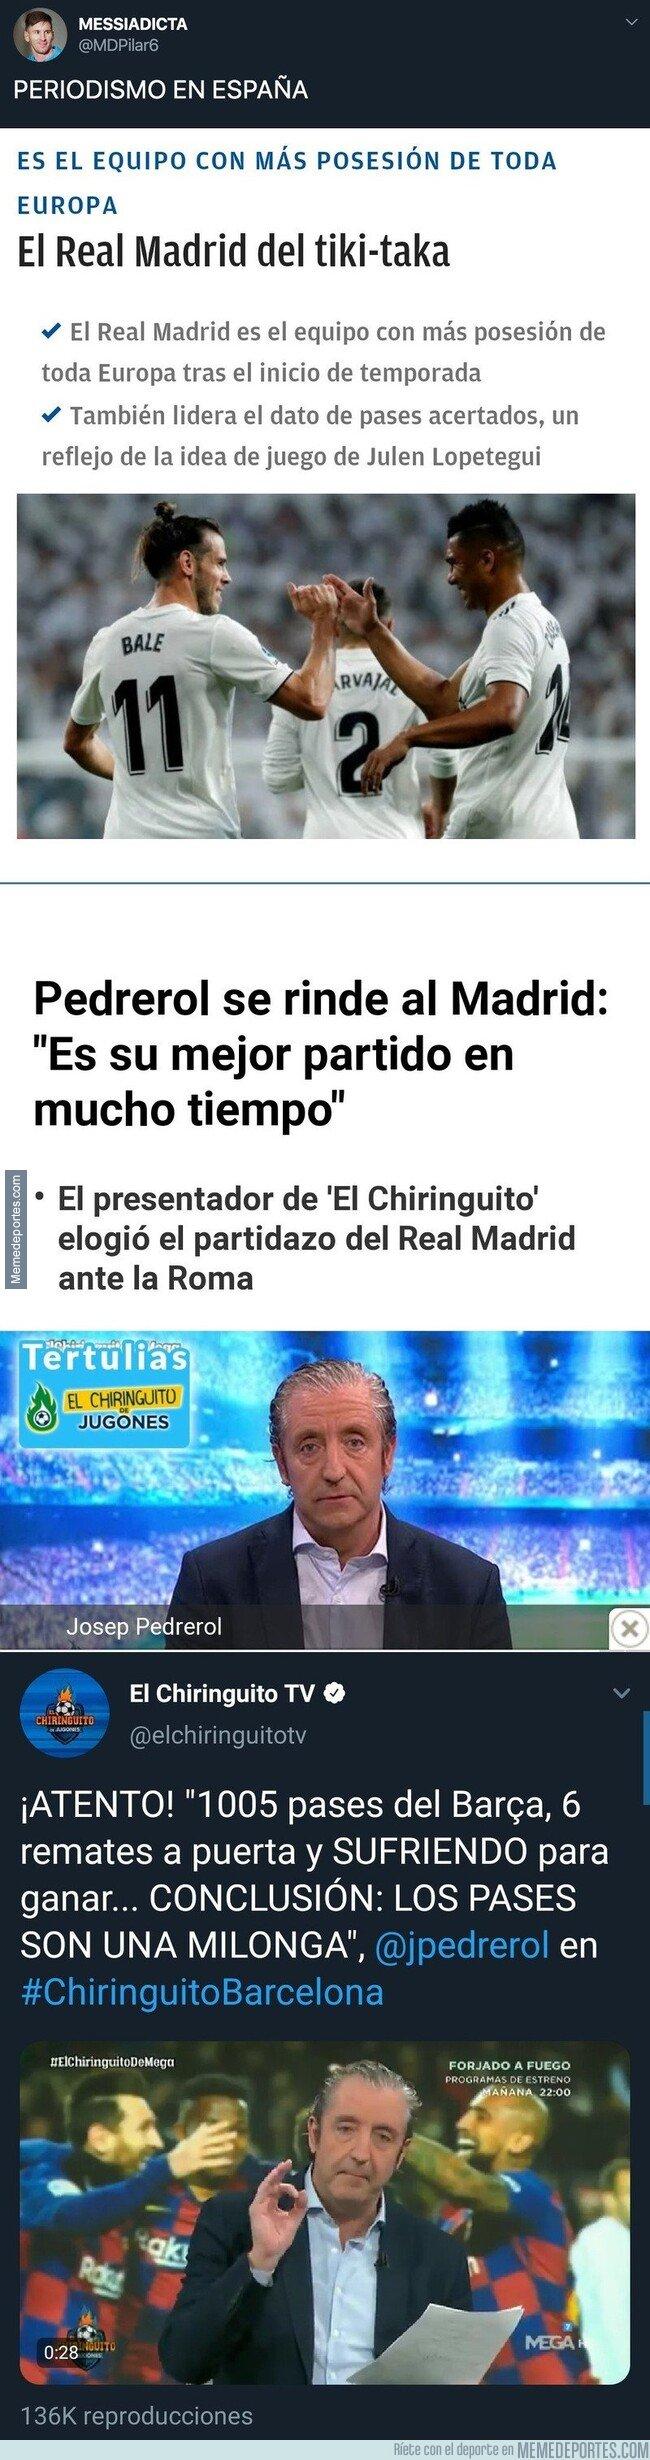 1096314 - El doble rasero increíble del periodismo cuando el Real Madrid y Barça ganan jugando con la posesión del balón